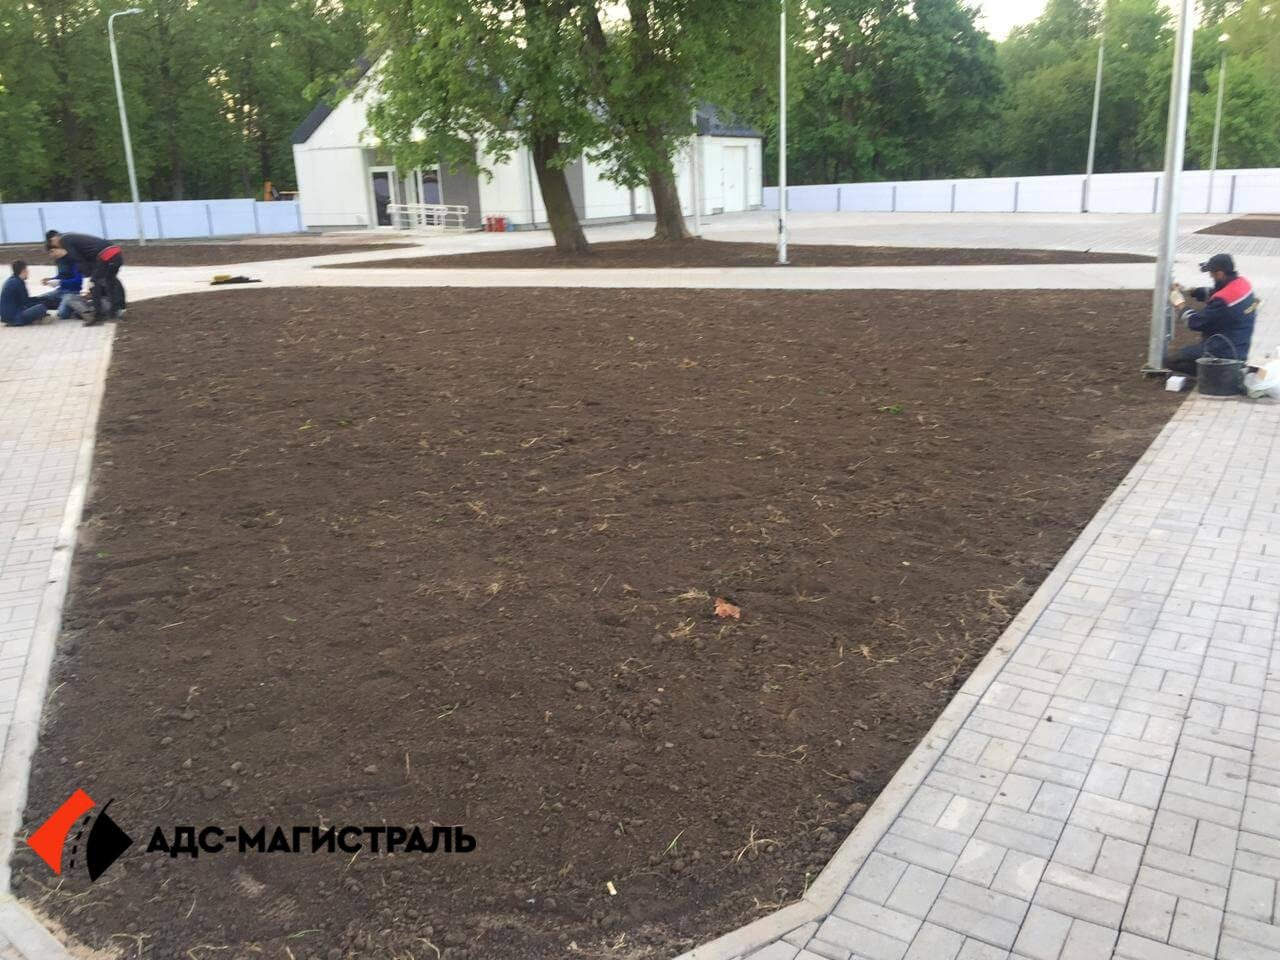 Благоустройство территории стадиона в г. Павловск фото 7